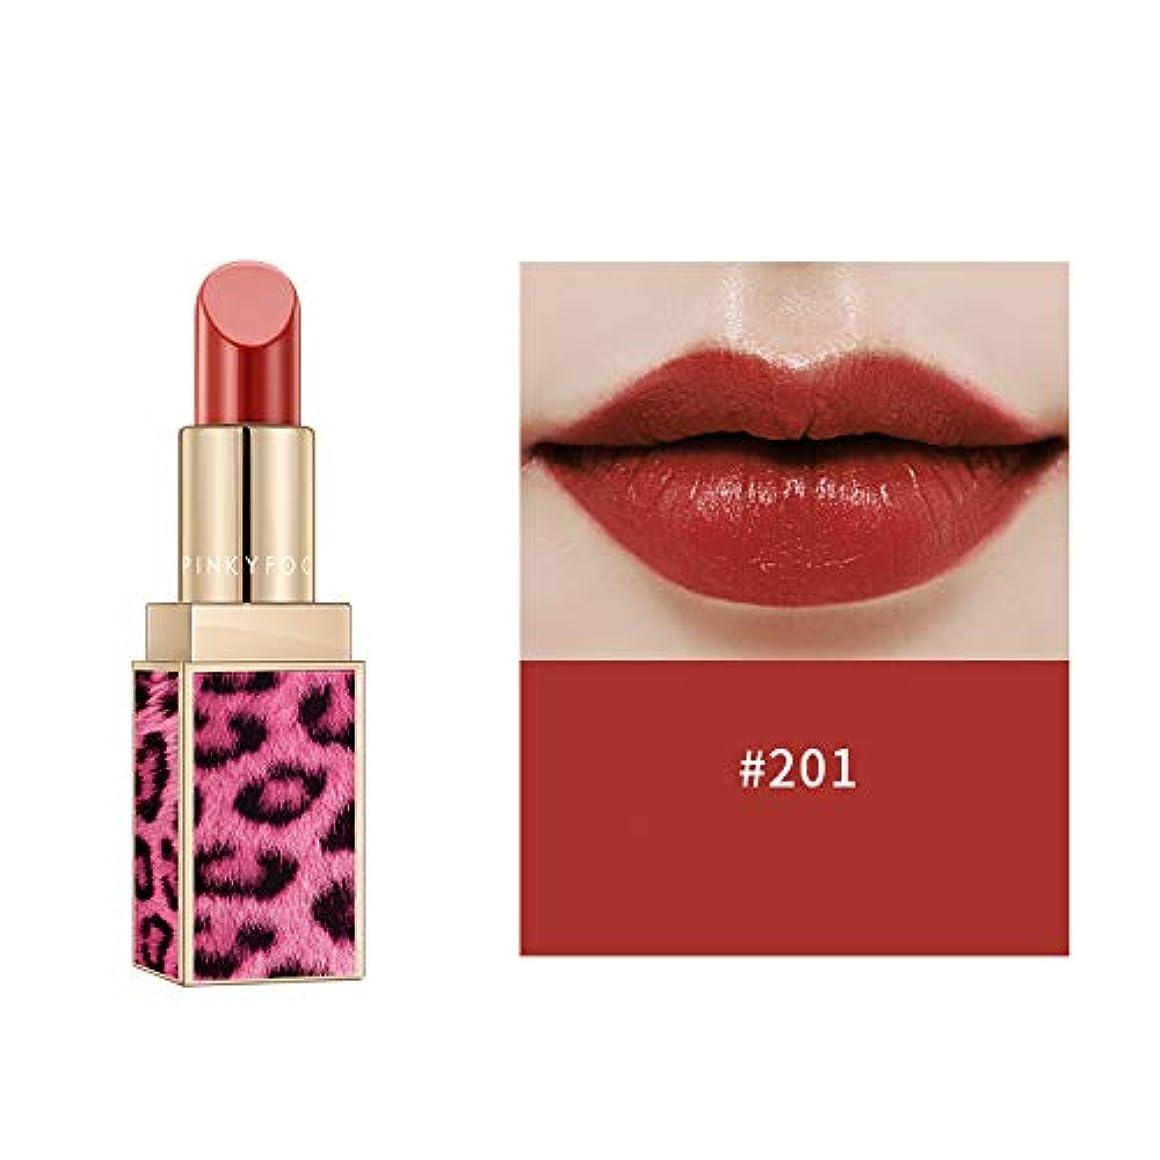 雲手段炭素Symboat ピンク ヒョウ ケース 口紅 防水 長持ち リップスティック落ちにくい口紅 化粧品 人気 恋する唇 ランキング